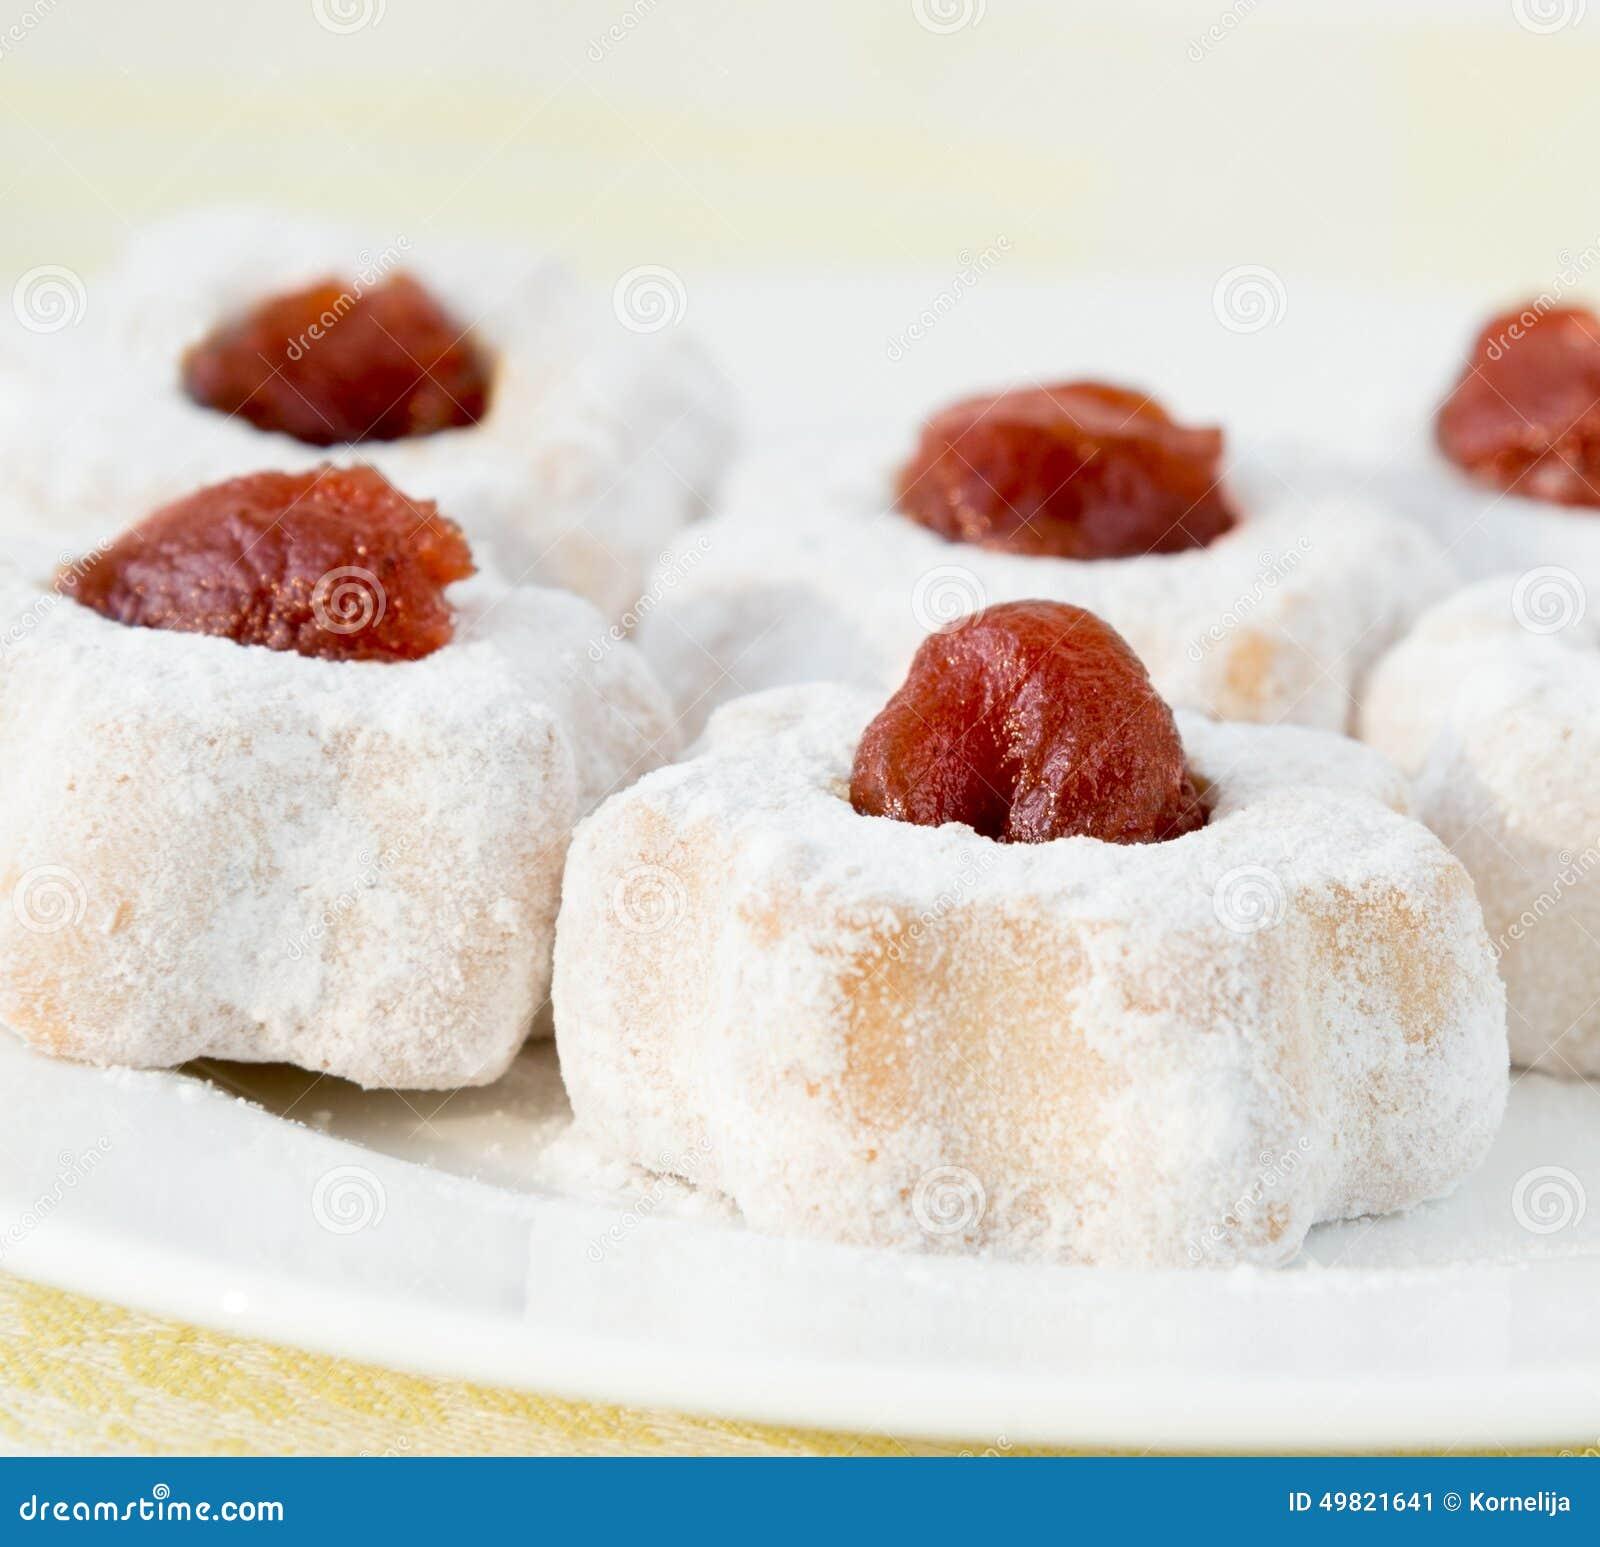 Cookies With Cherry Jam Stock Photo - Image: 49821641